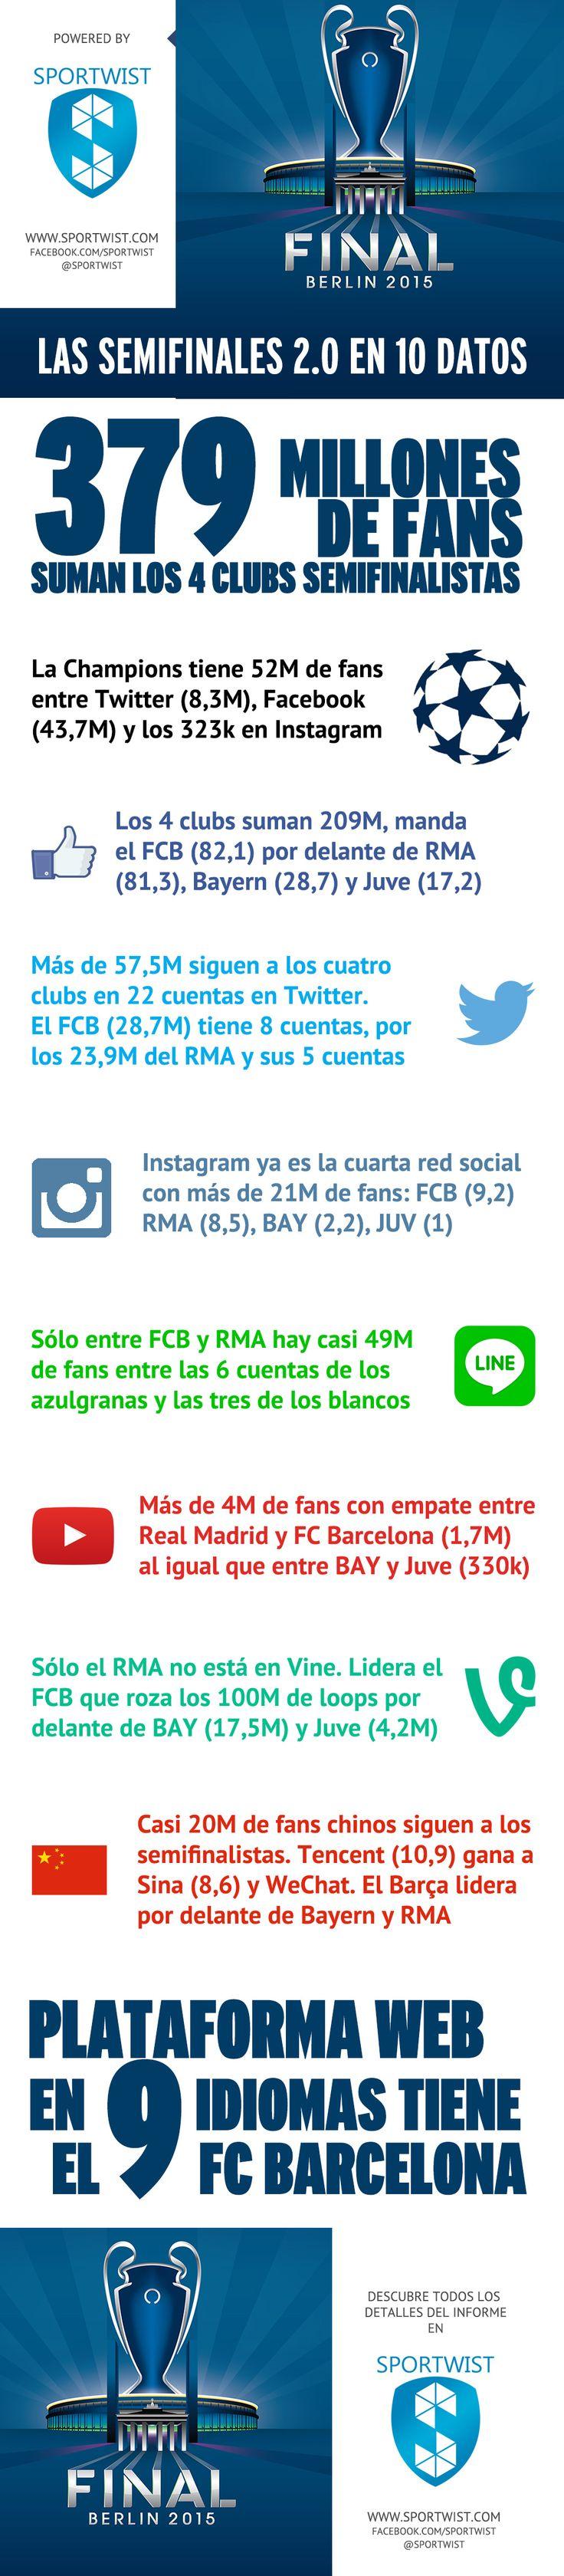 Las semifinales de la Champions League en redes sociales